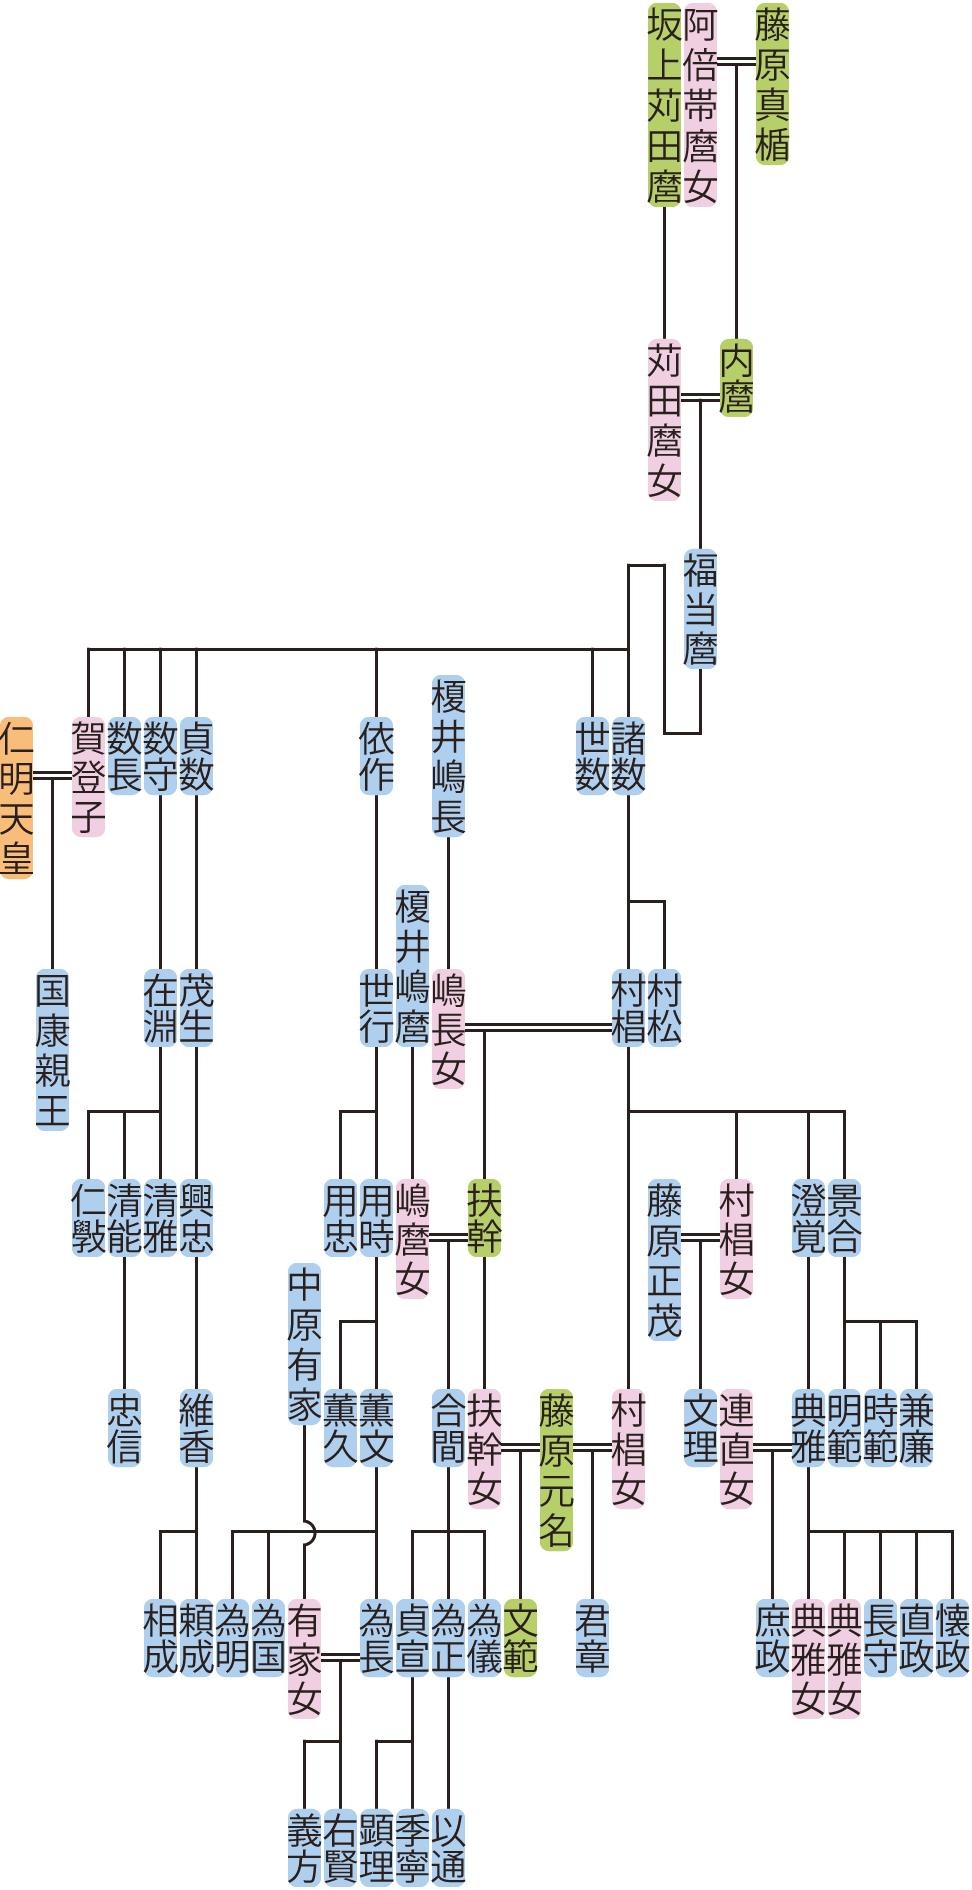 藤原福当麿の系図